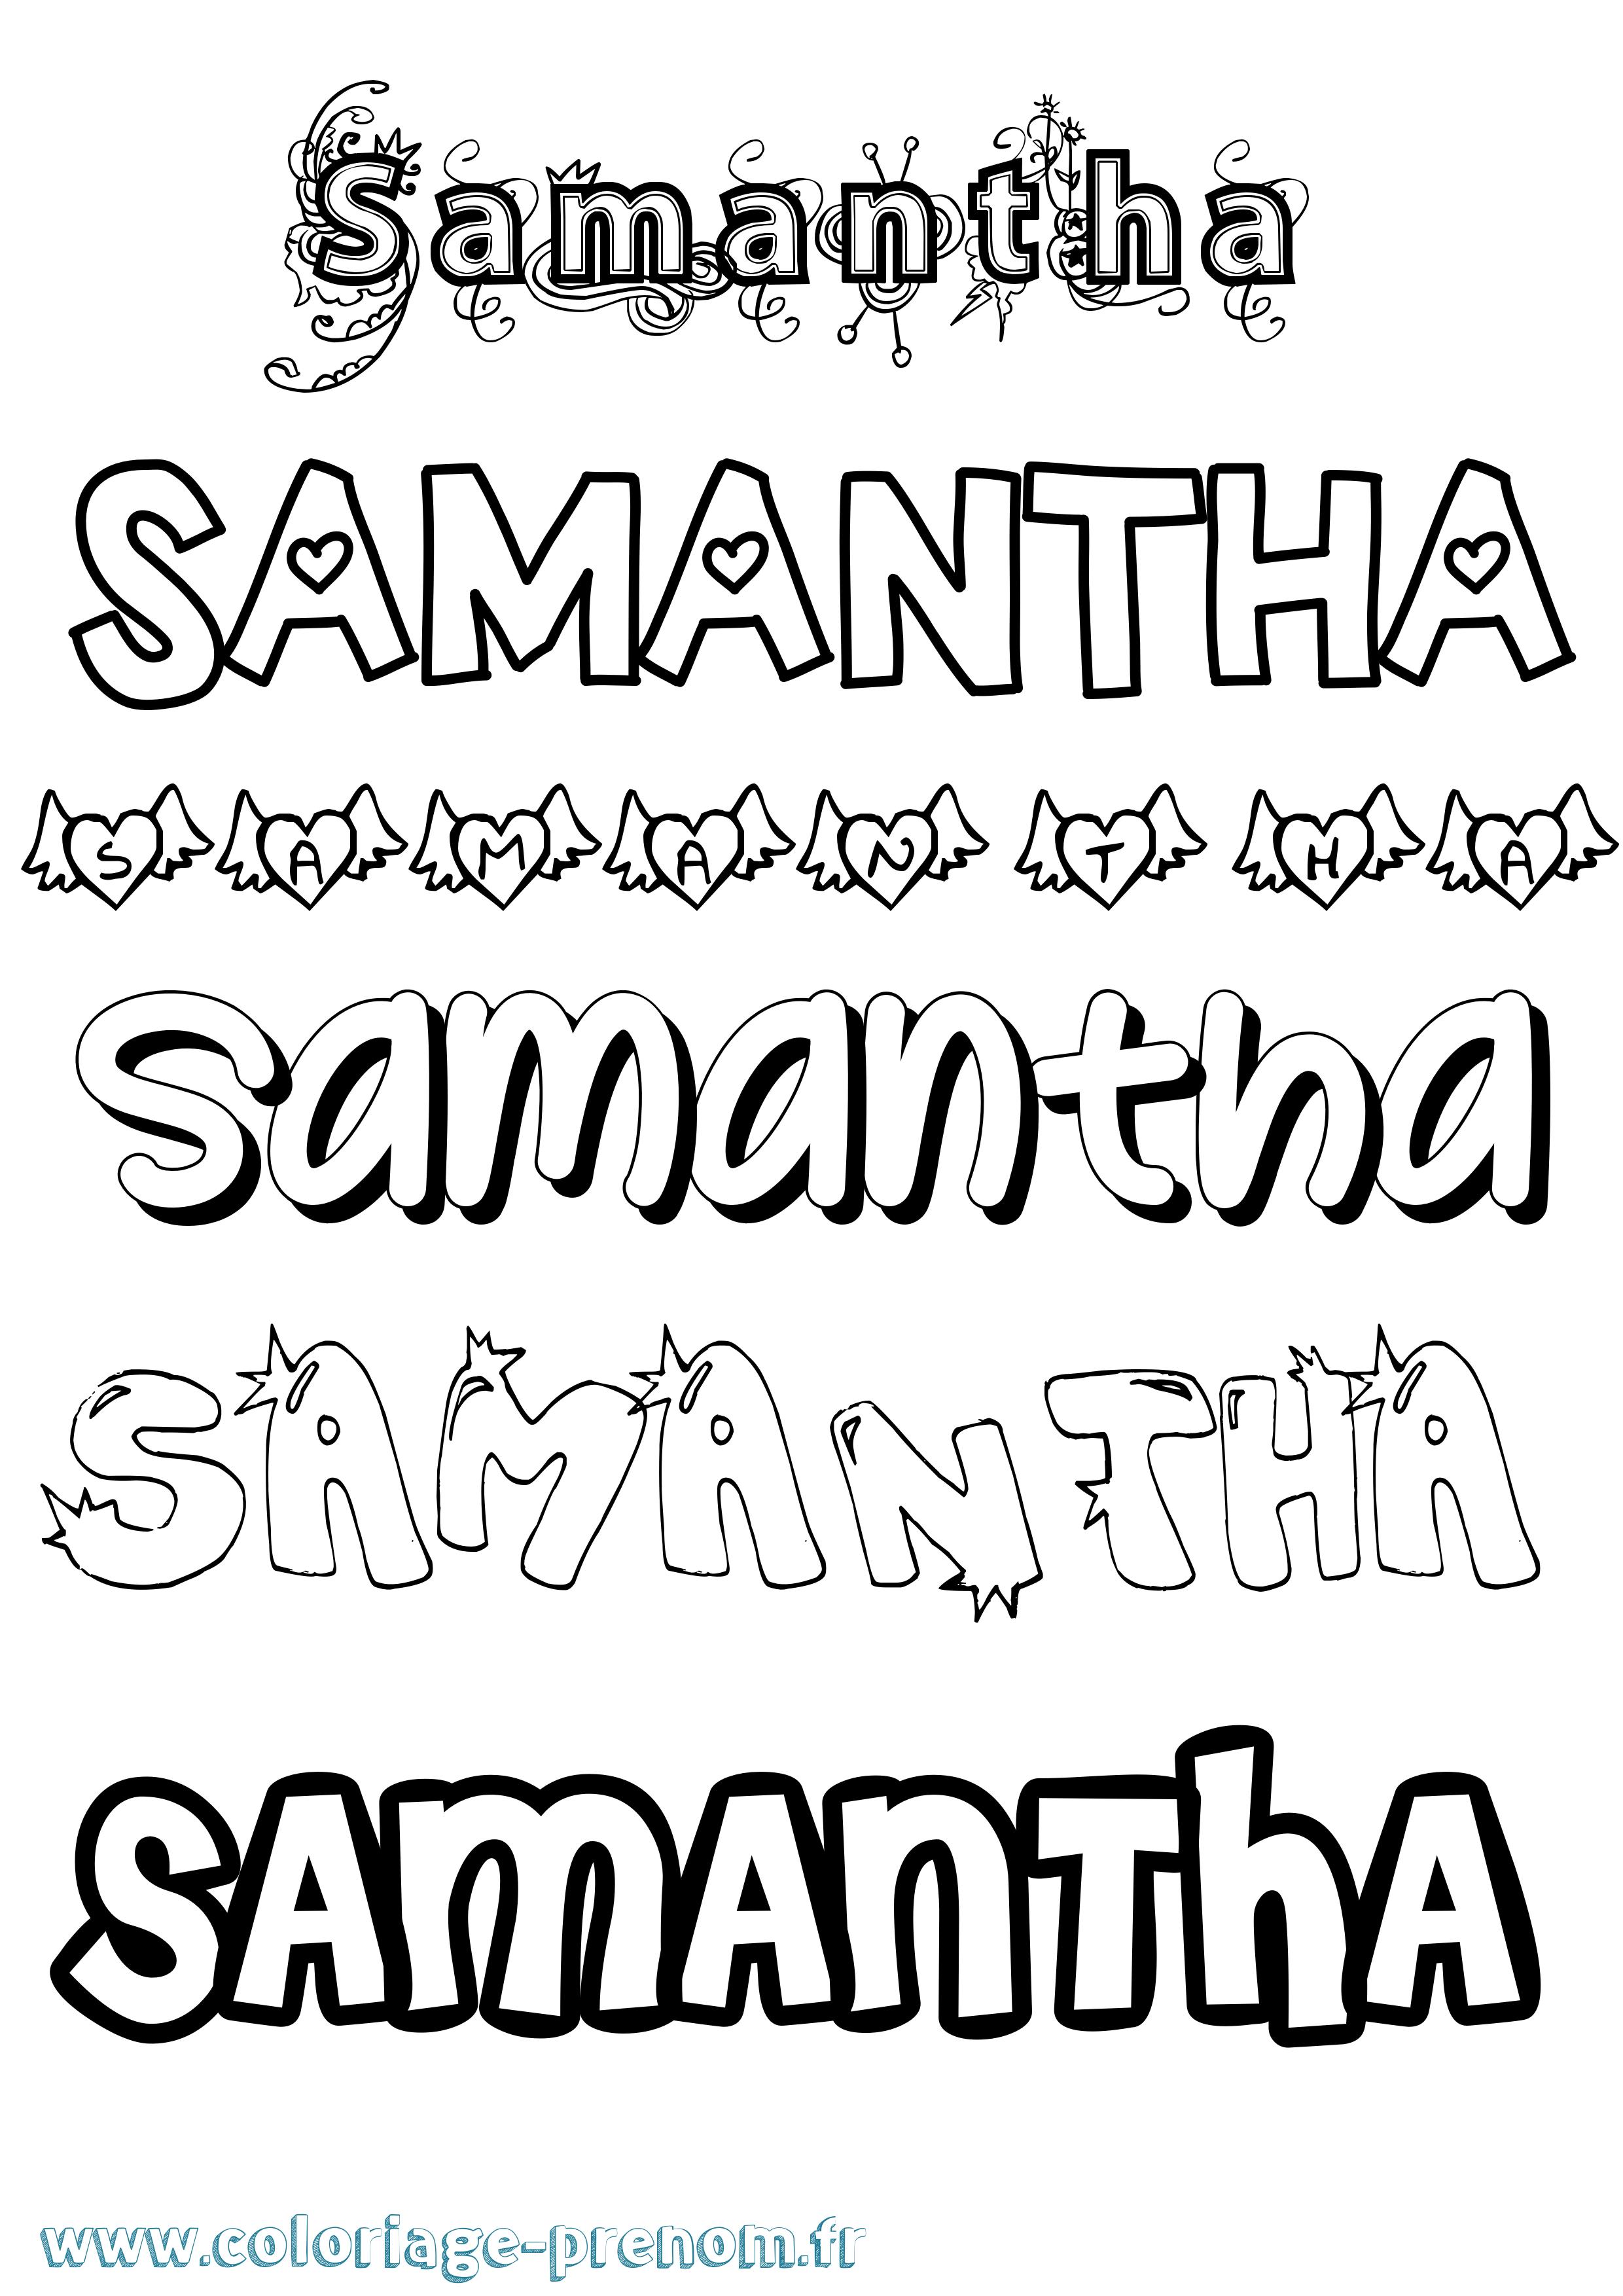 Coloriage du prénom Samantha : à Imprimer ou Télécharger ...